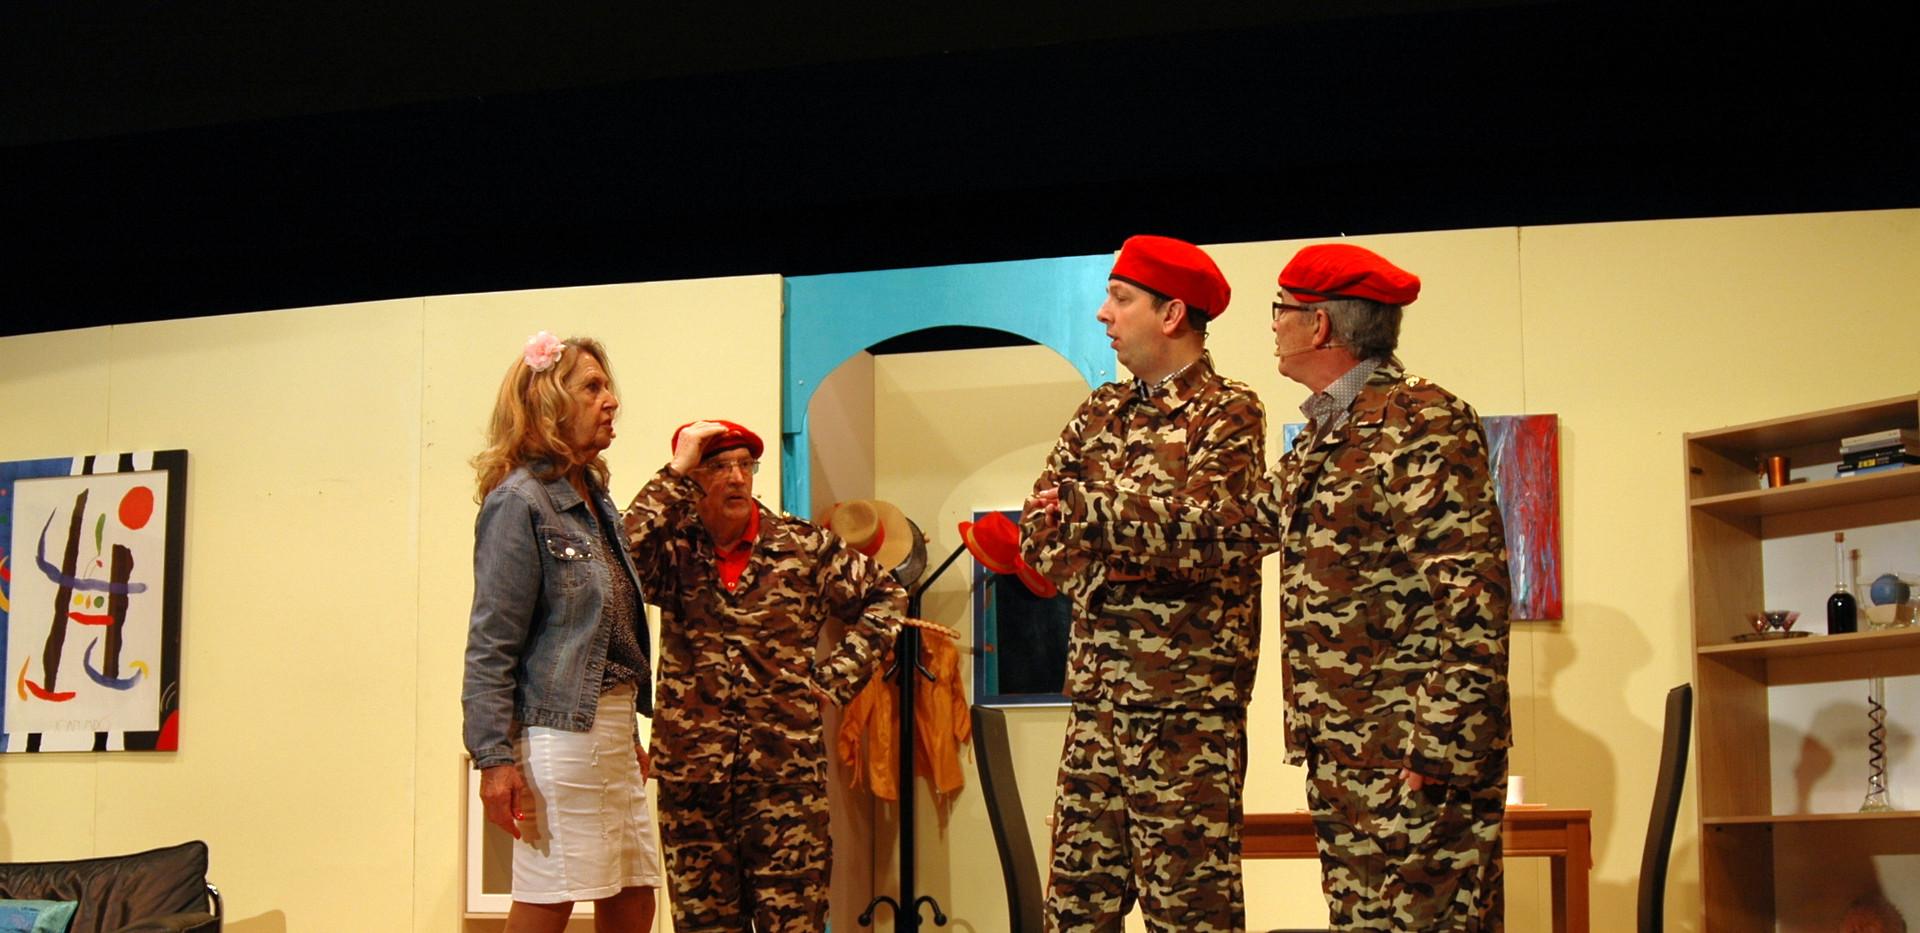 Theaterbilder2018 (42).JPG